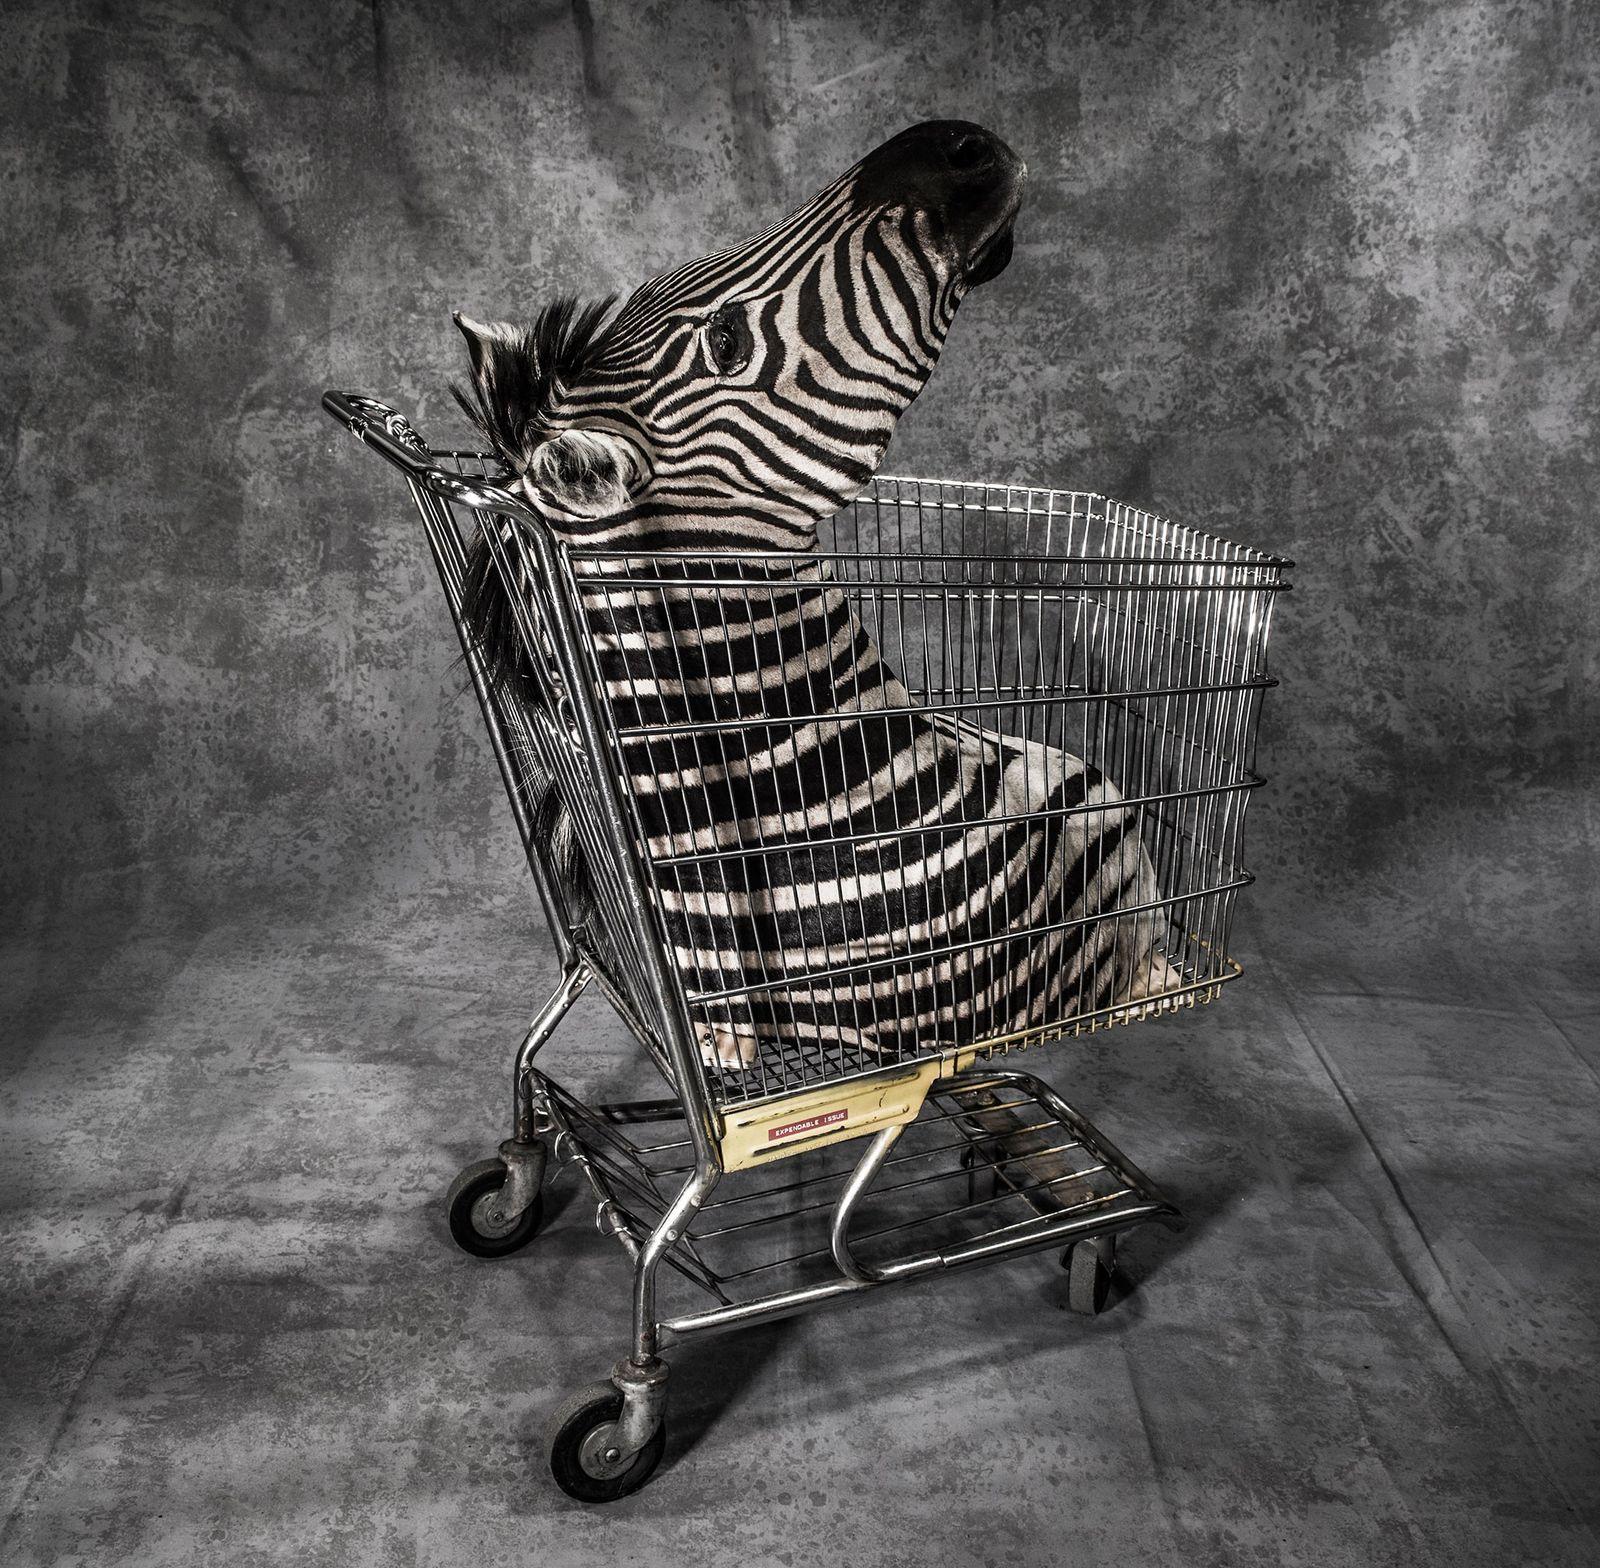 A zebra taxidermizada confiscada em aeroporto dos Estados Unidos é apenas um dos 1,5 milhão de ...